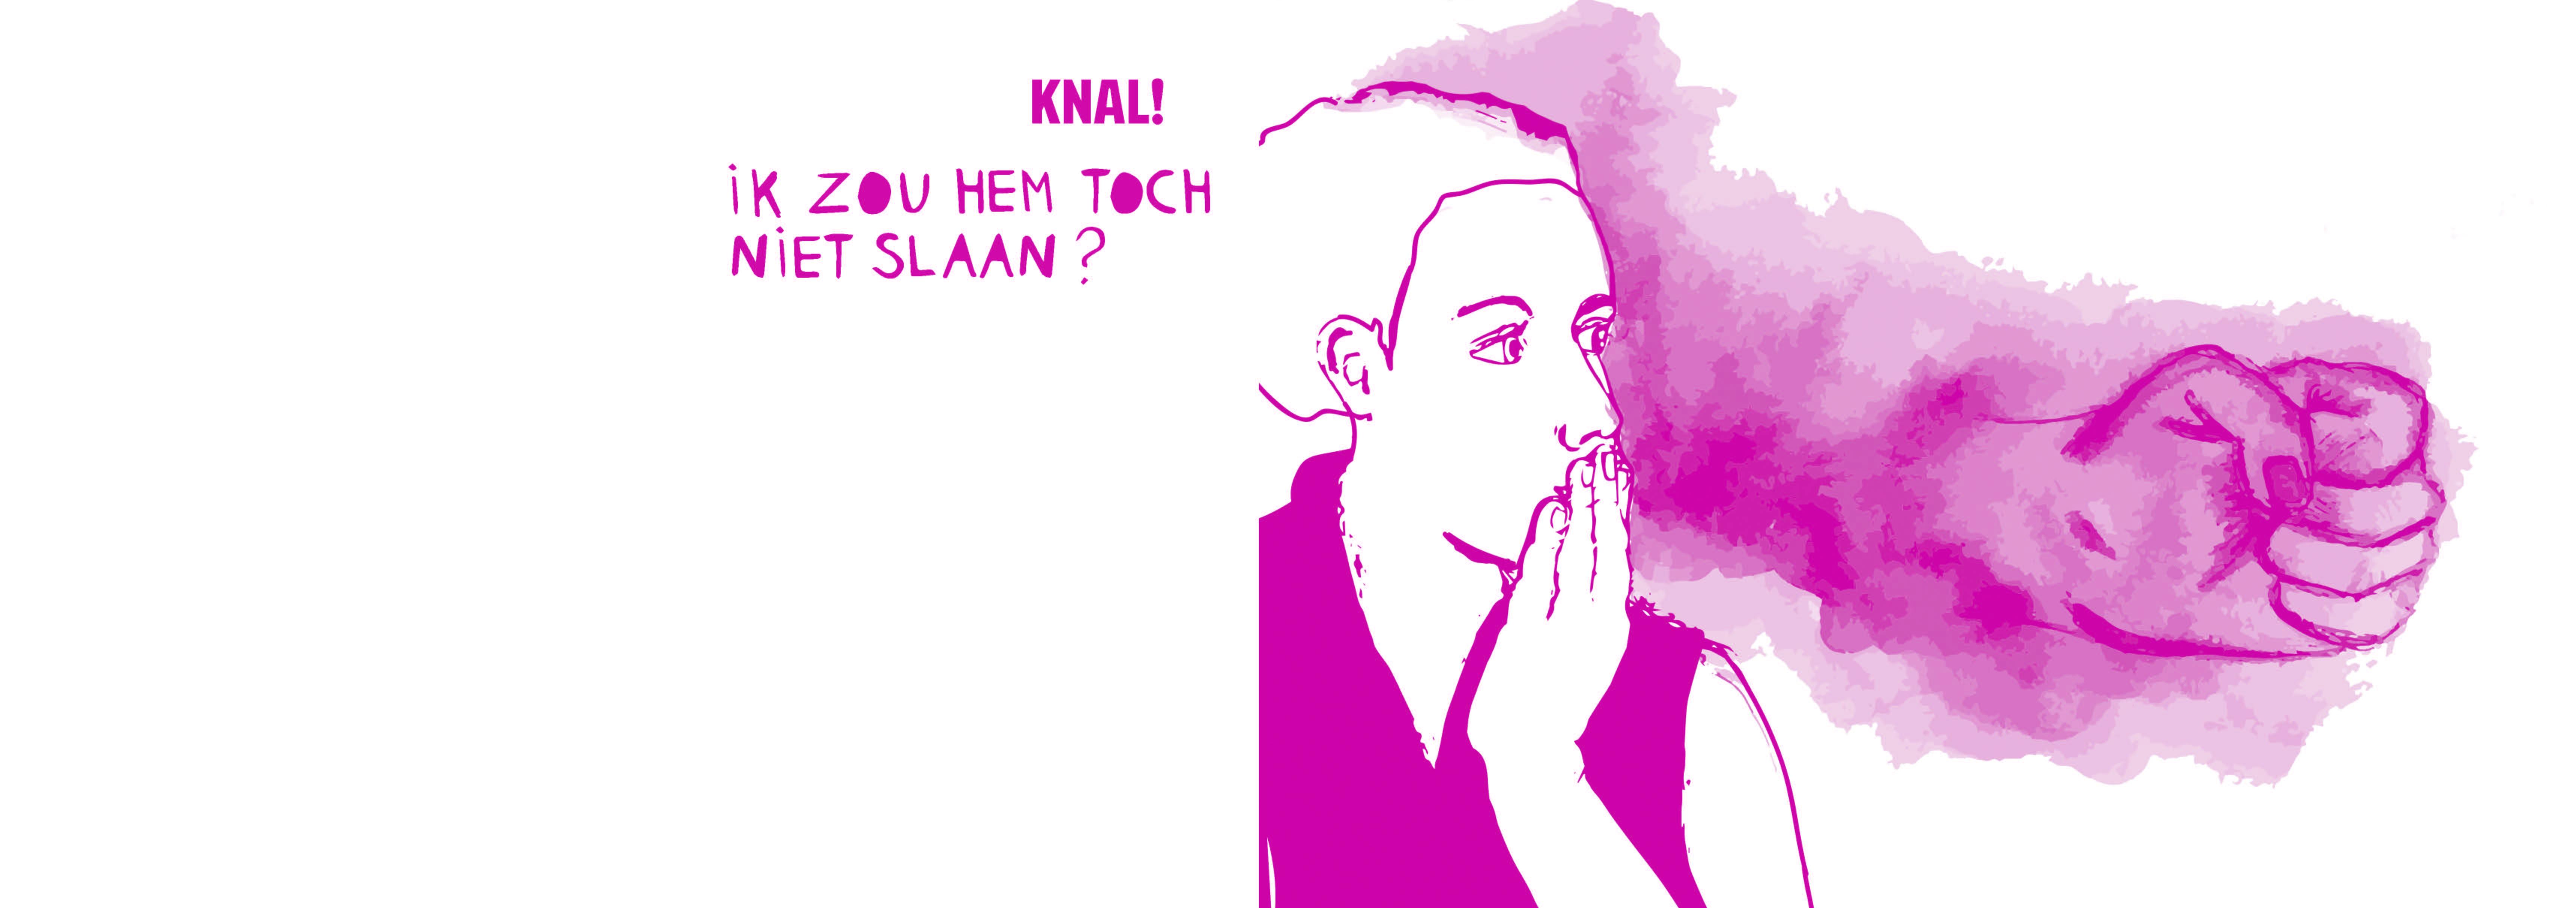 5 Roze Olifant - Sanne Clement